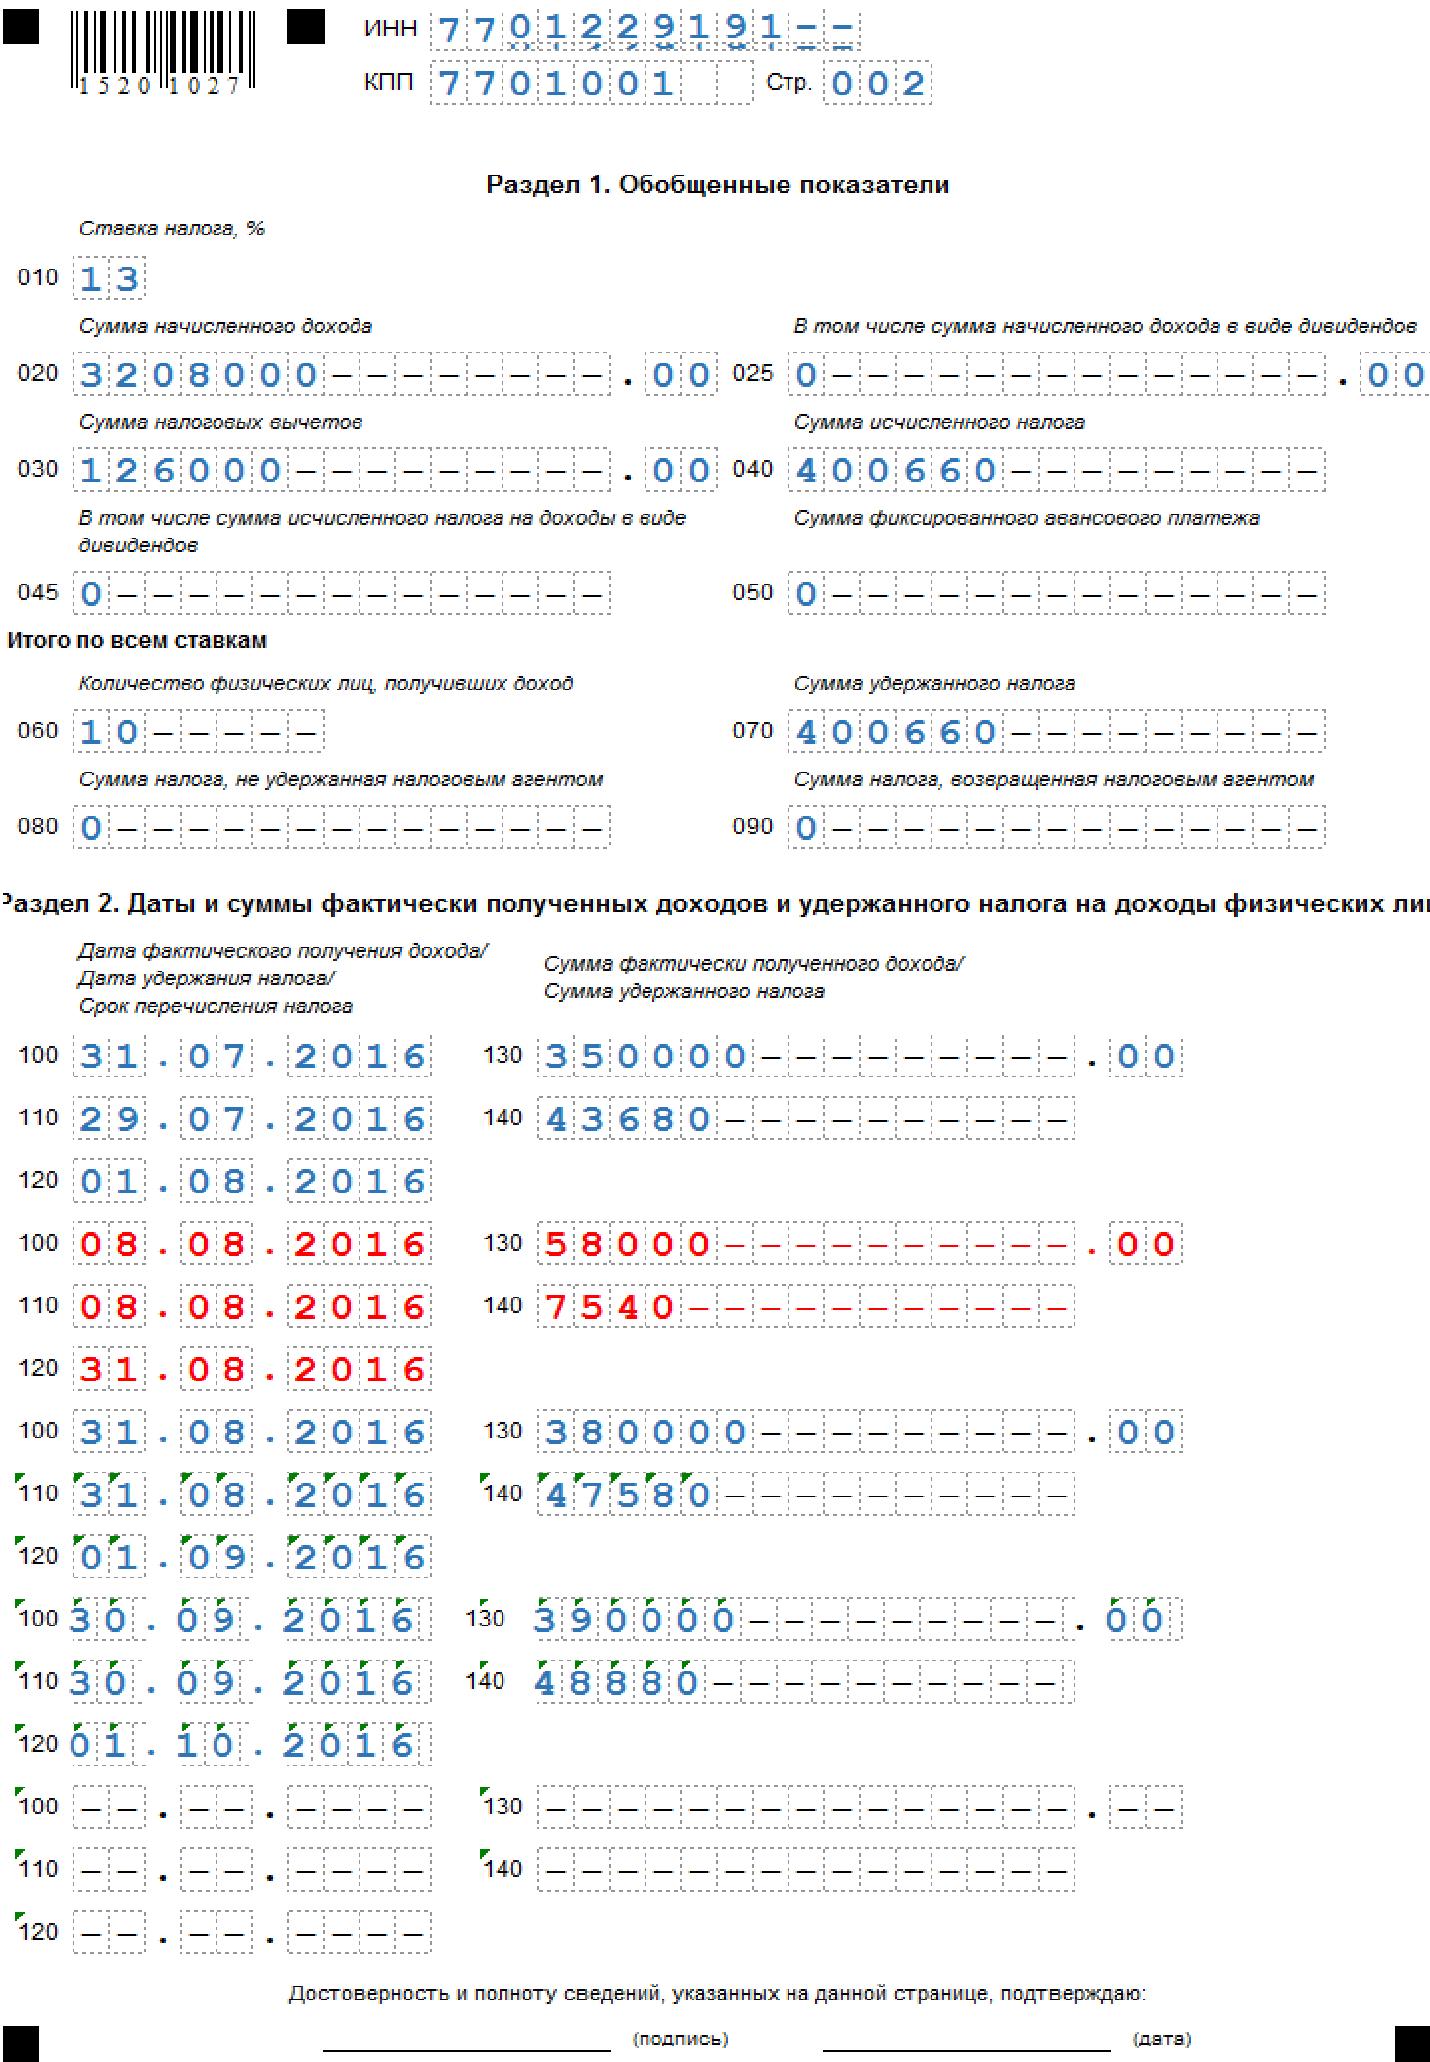 Пример заполнения 6-НДФЛ за 3 квартал 2016 с отпускными